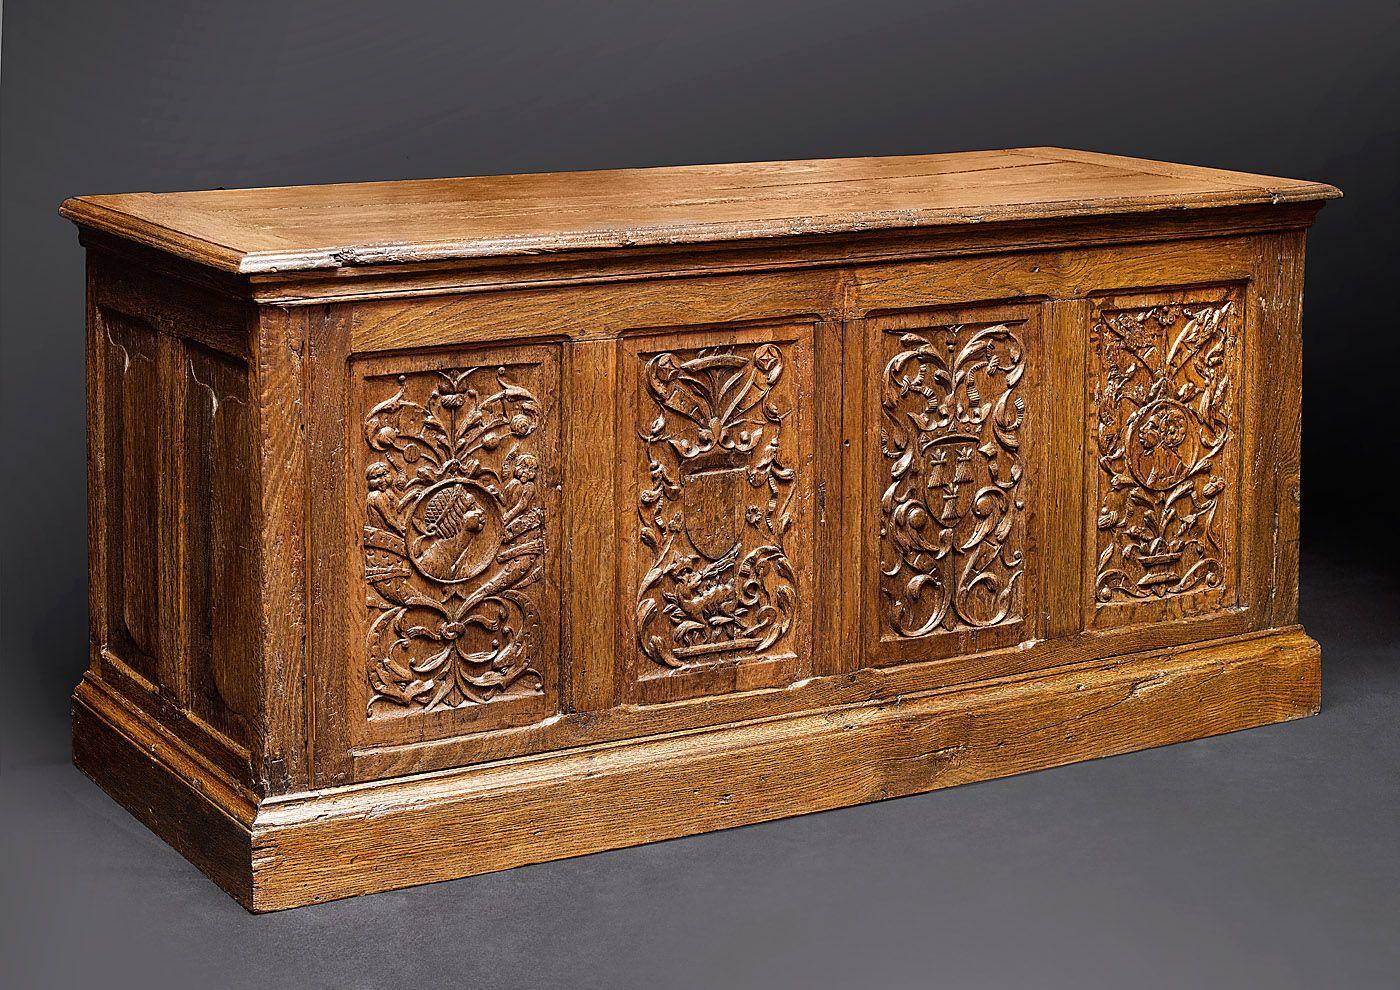 Coffre De La Premiere Renaissance France Xvie Siecle Bois De Chene Decor Medievale Mobilier De Salon Meuble De Style